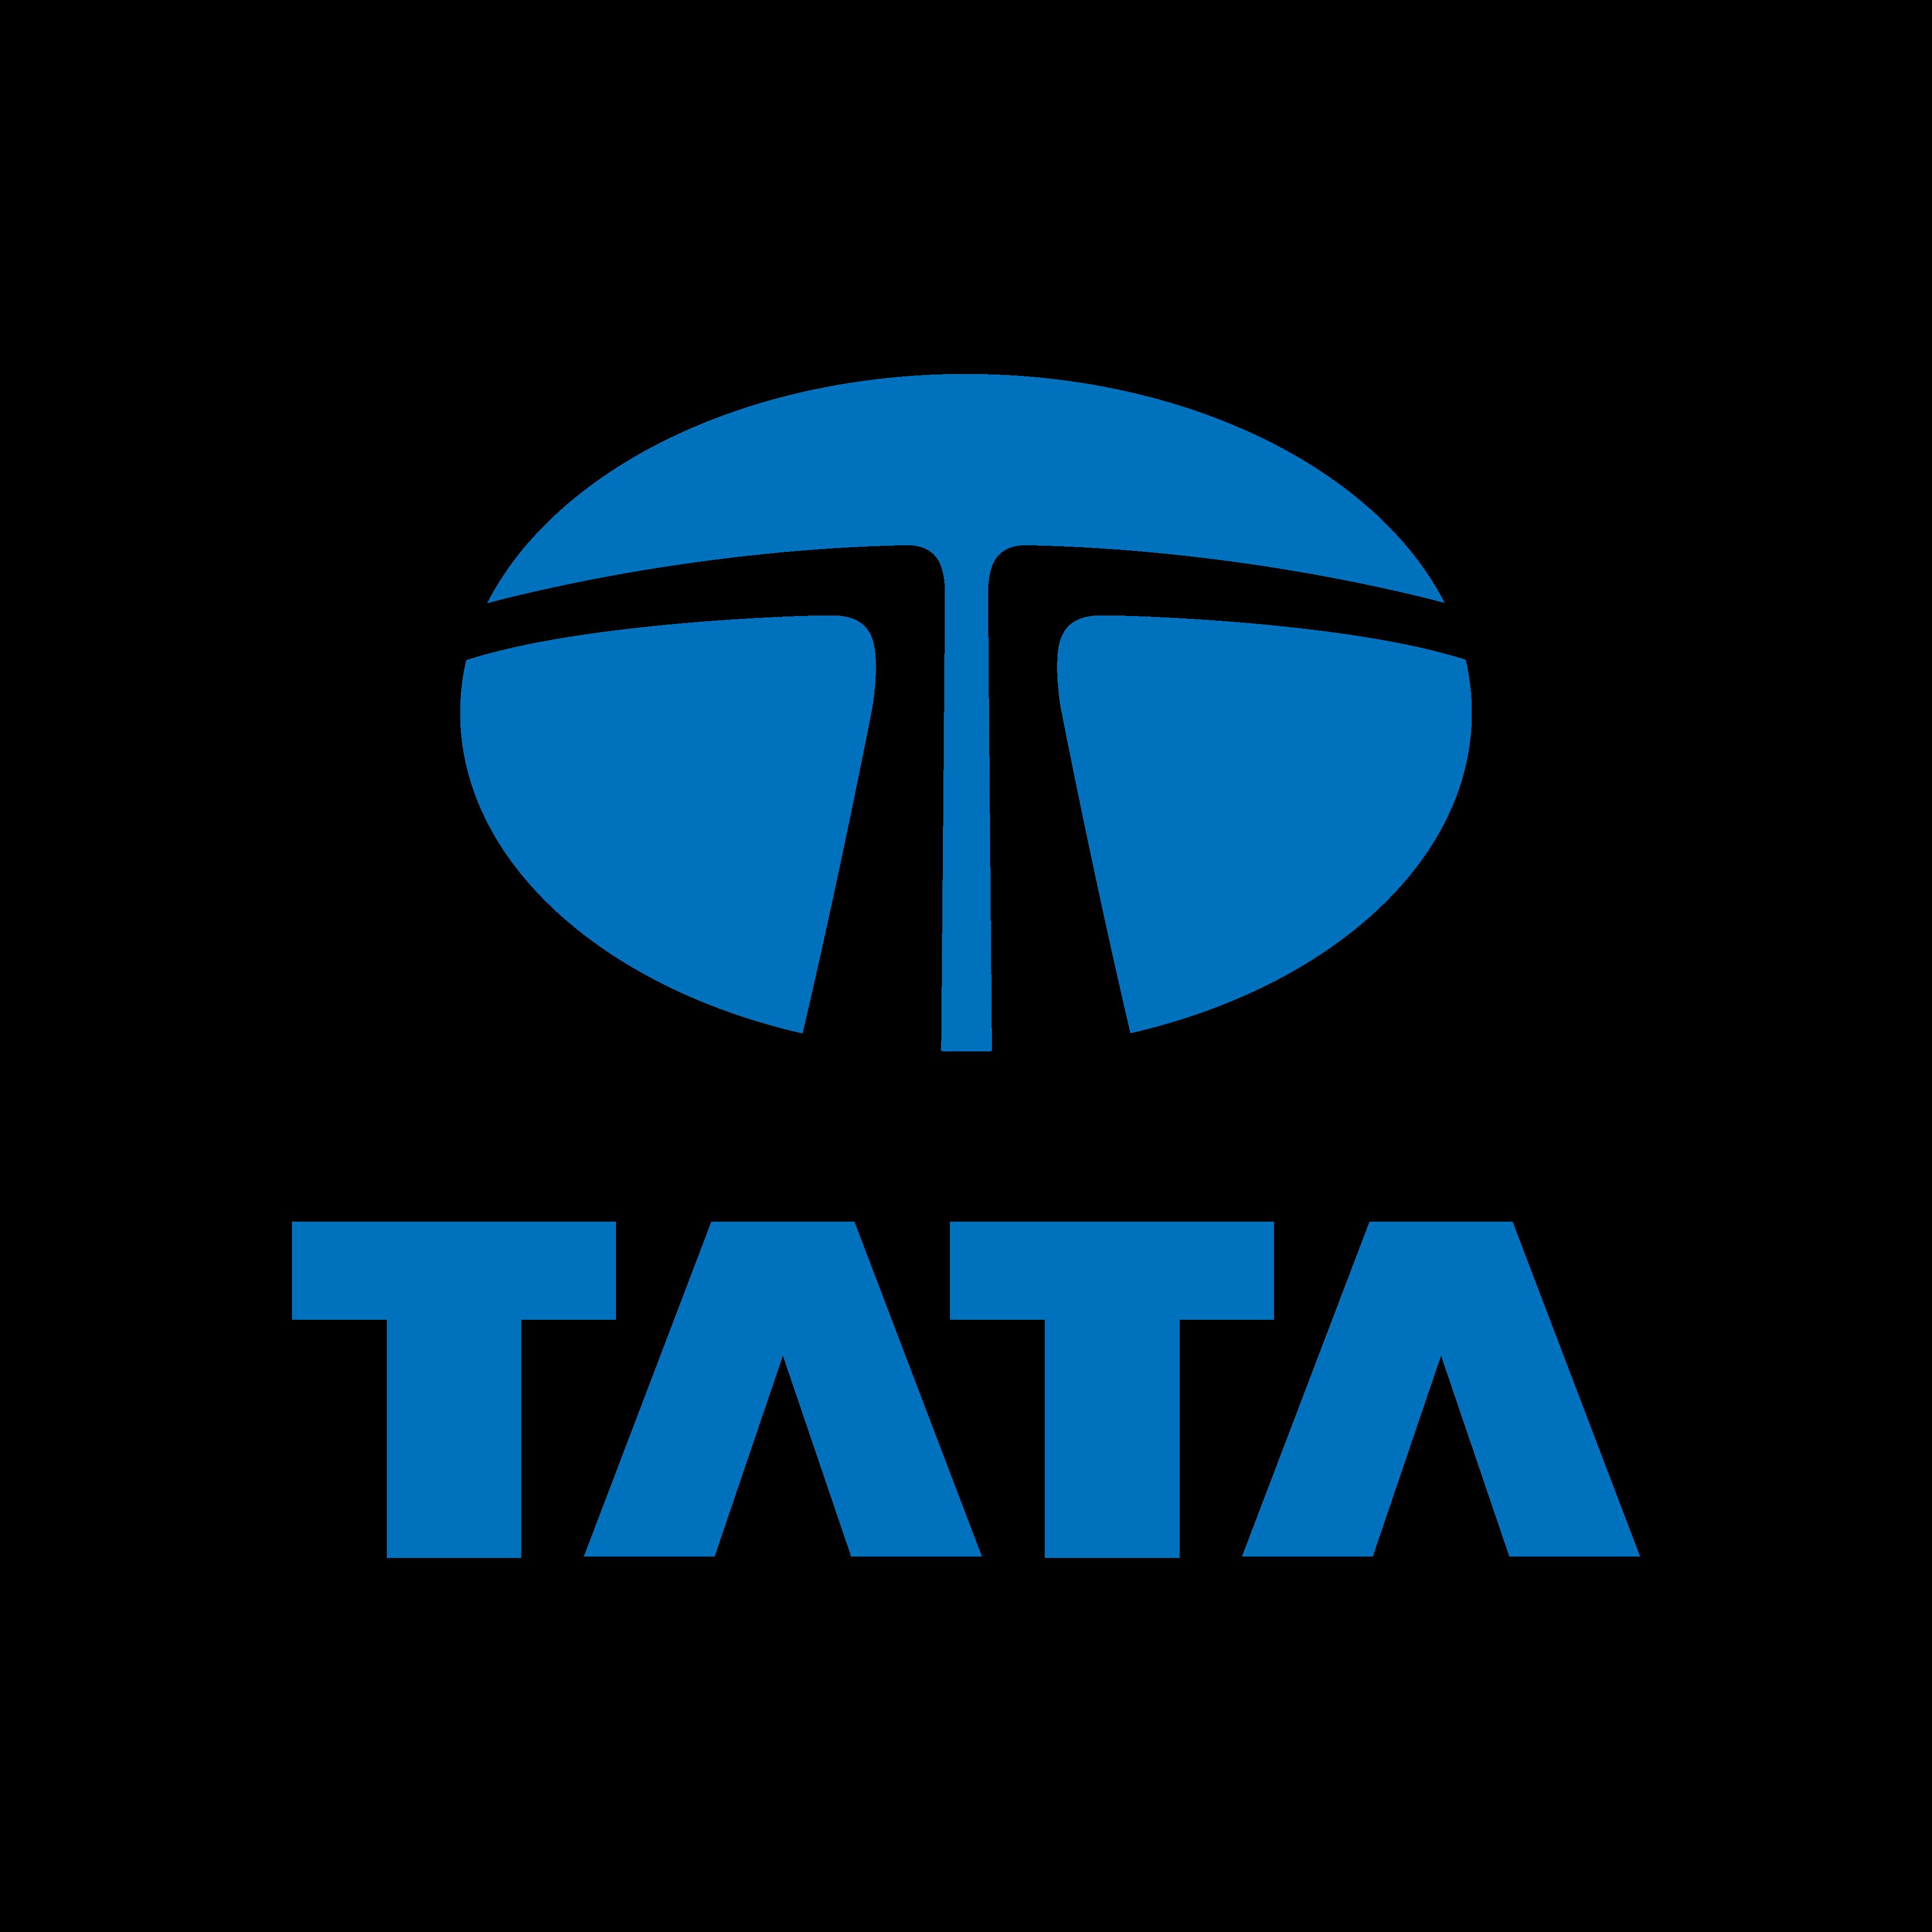 tata motors logo 0 - Tata Motors Logo